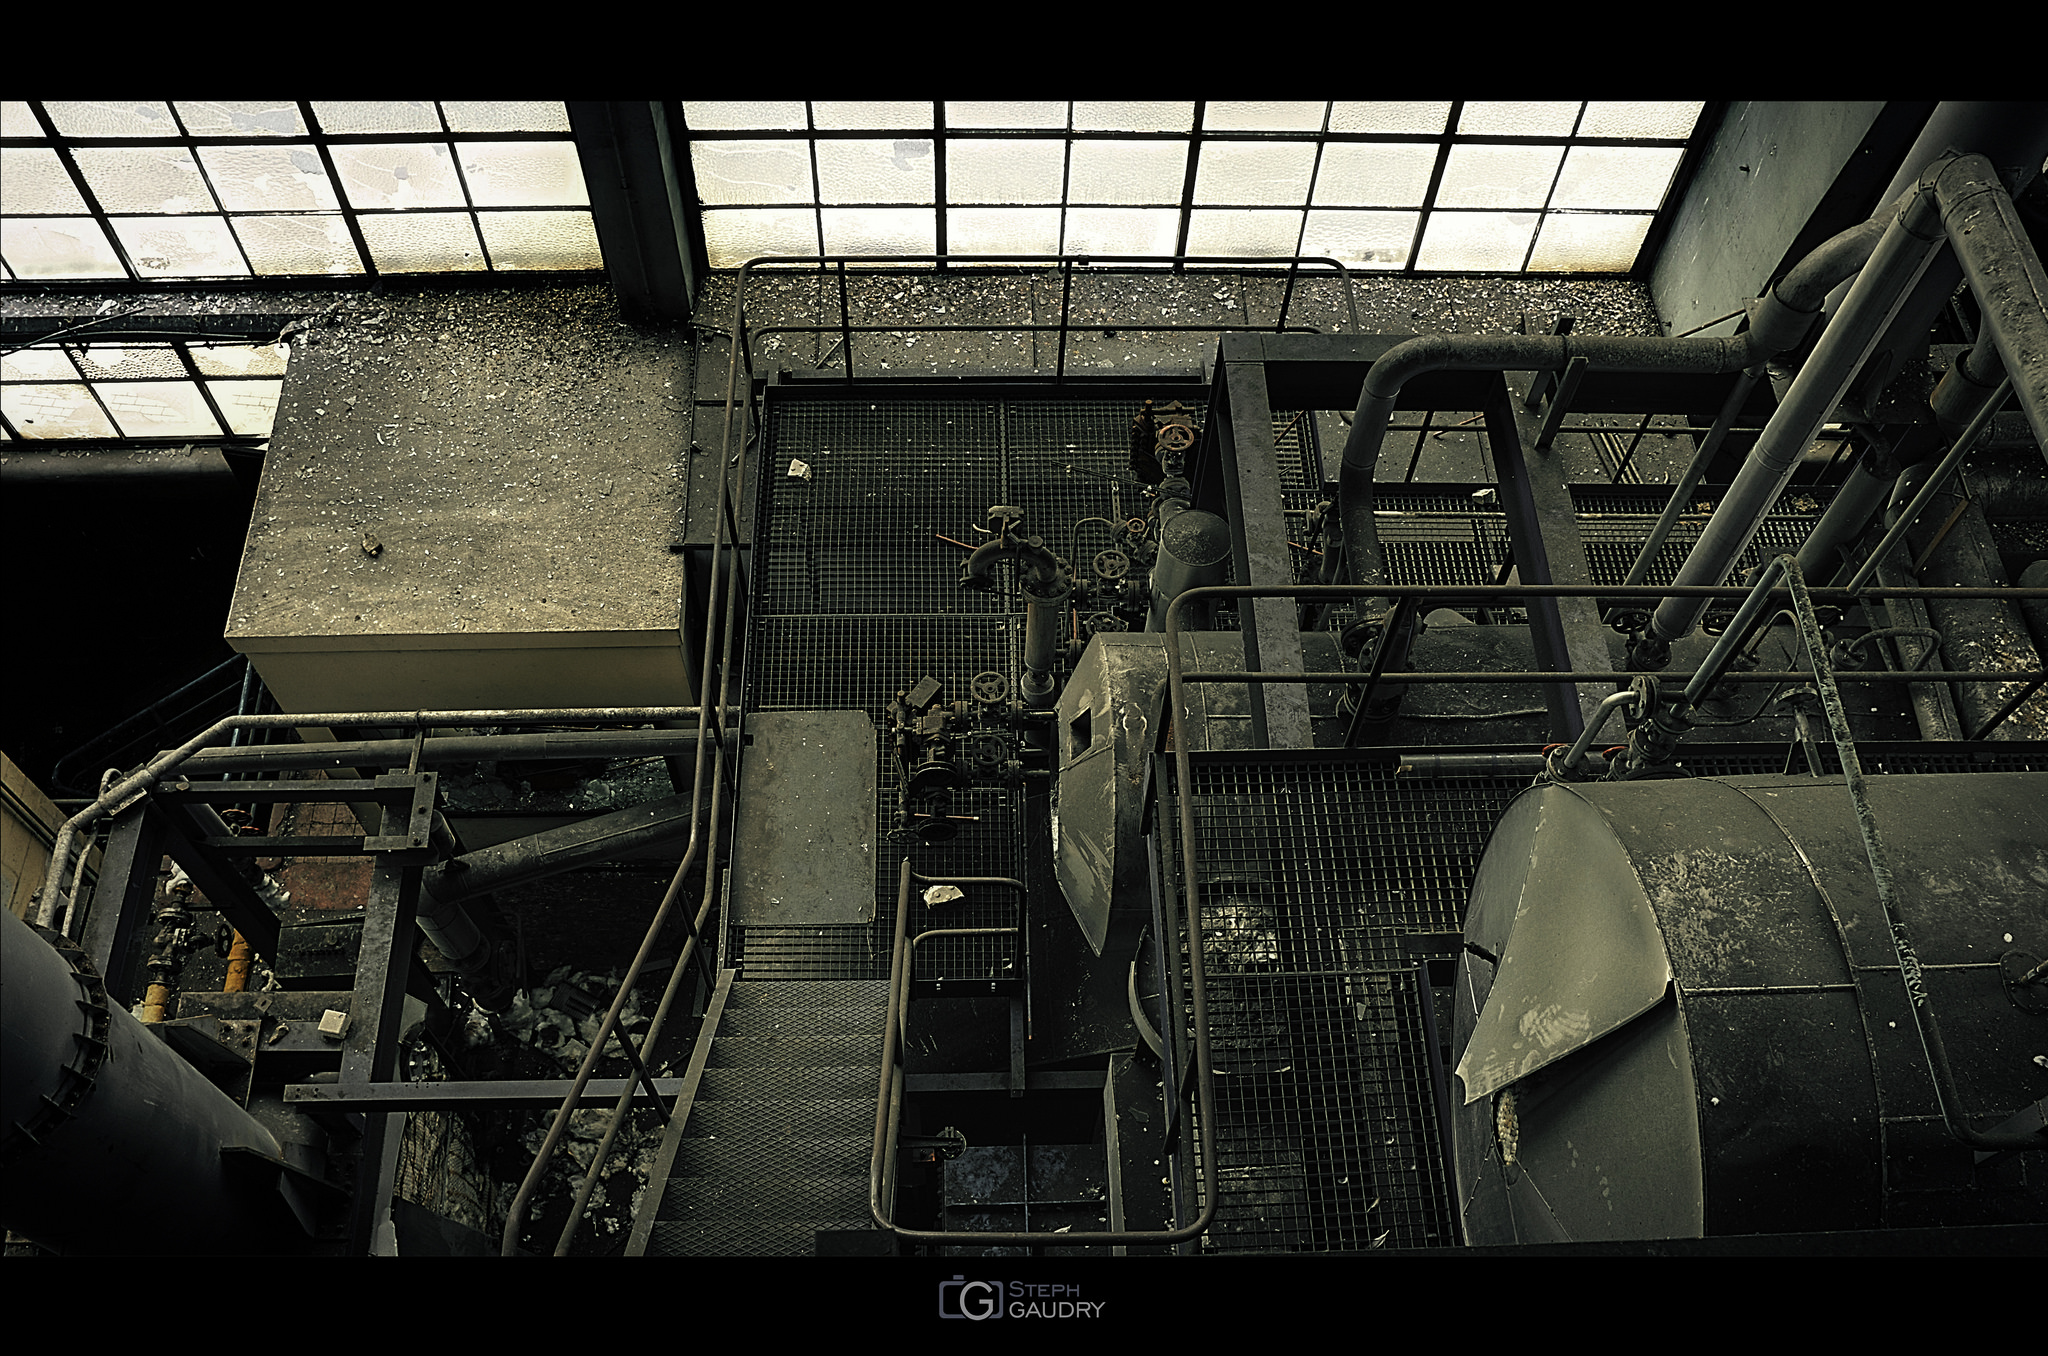 Micro centrale - vue arrière depuis l'étage [Klik om de diavoorstelling te starten]